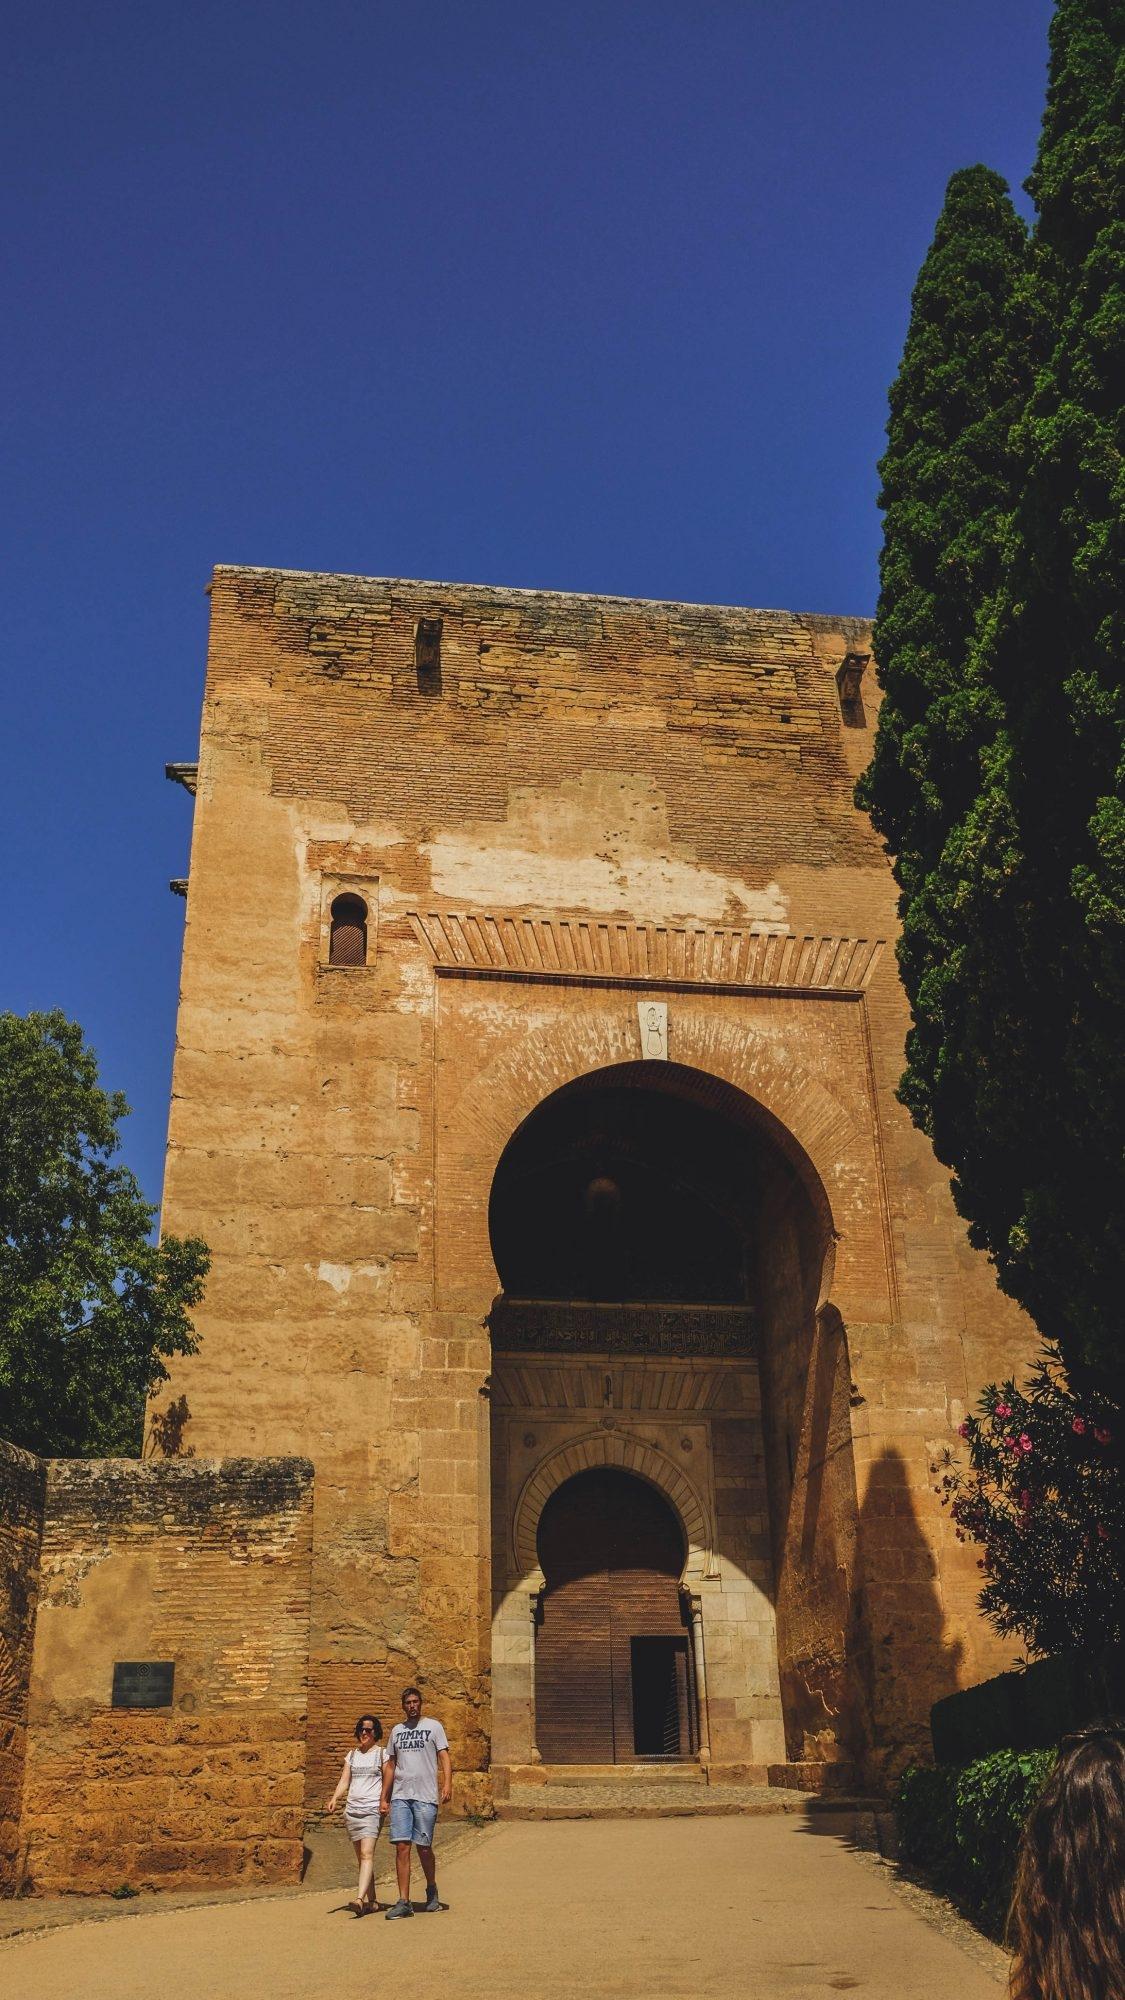 Puerta de la Justicia - Alhambra Grenade